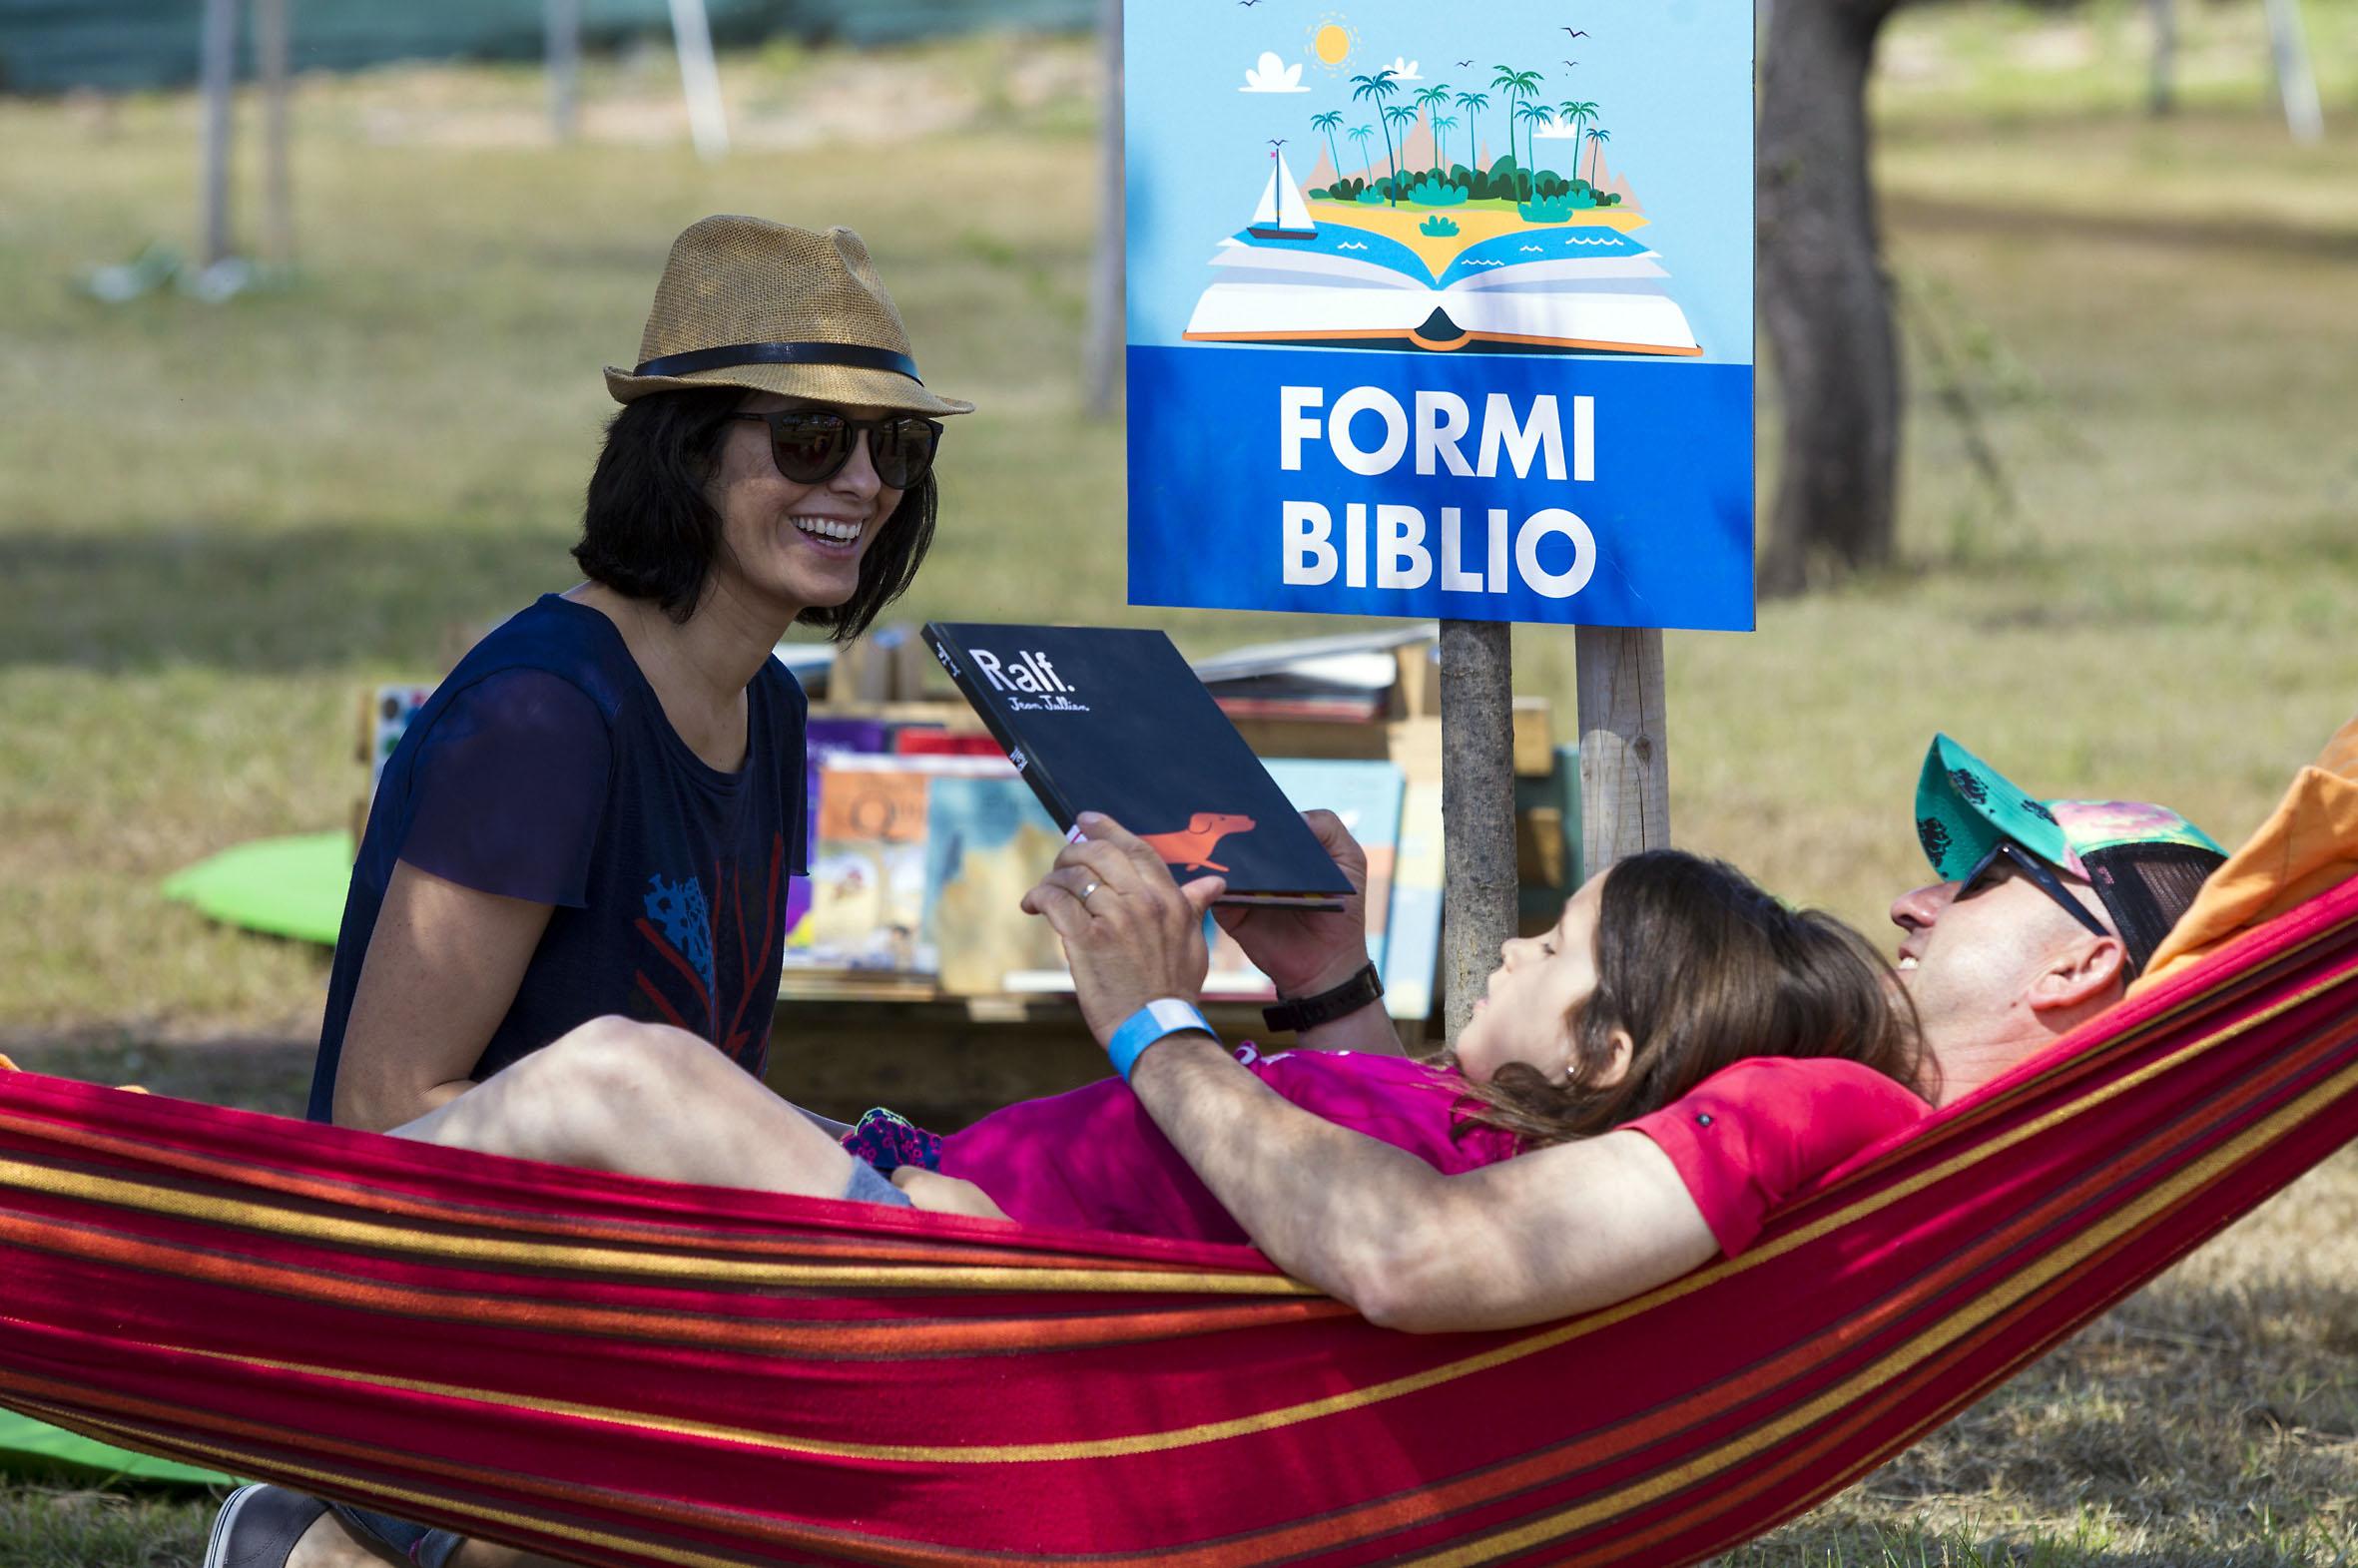 Formi Biblio_FormiguesFestival-nmpnu-Hoyoyo_03